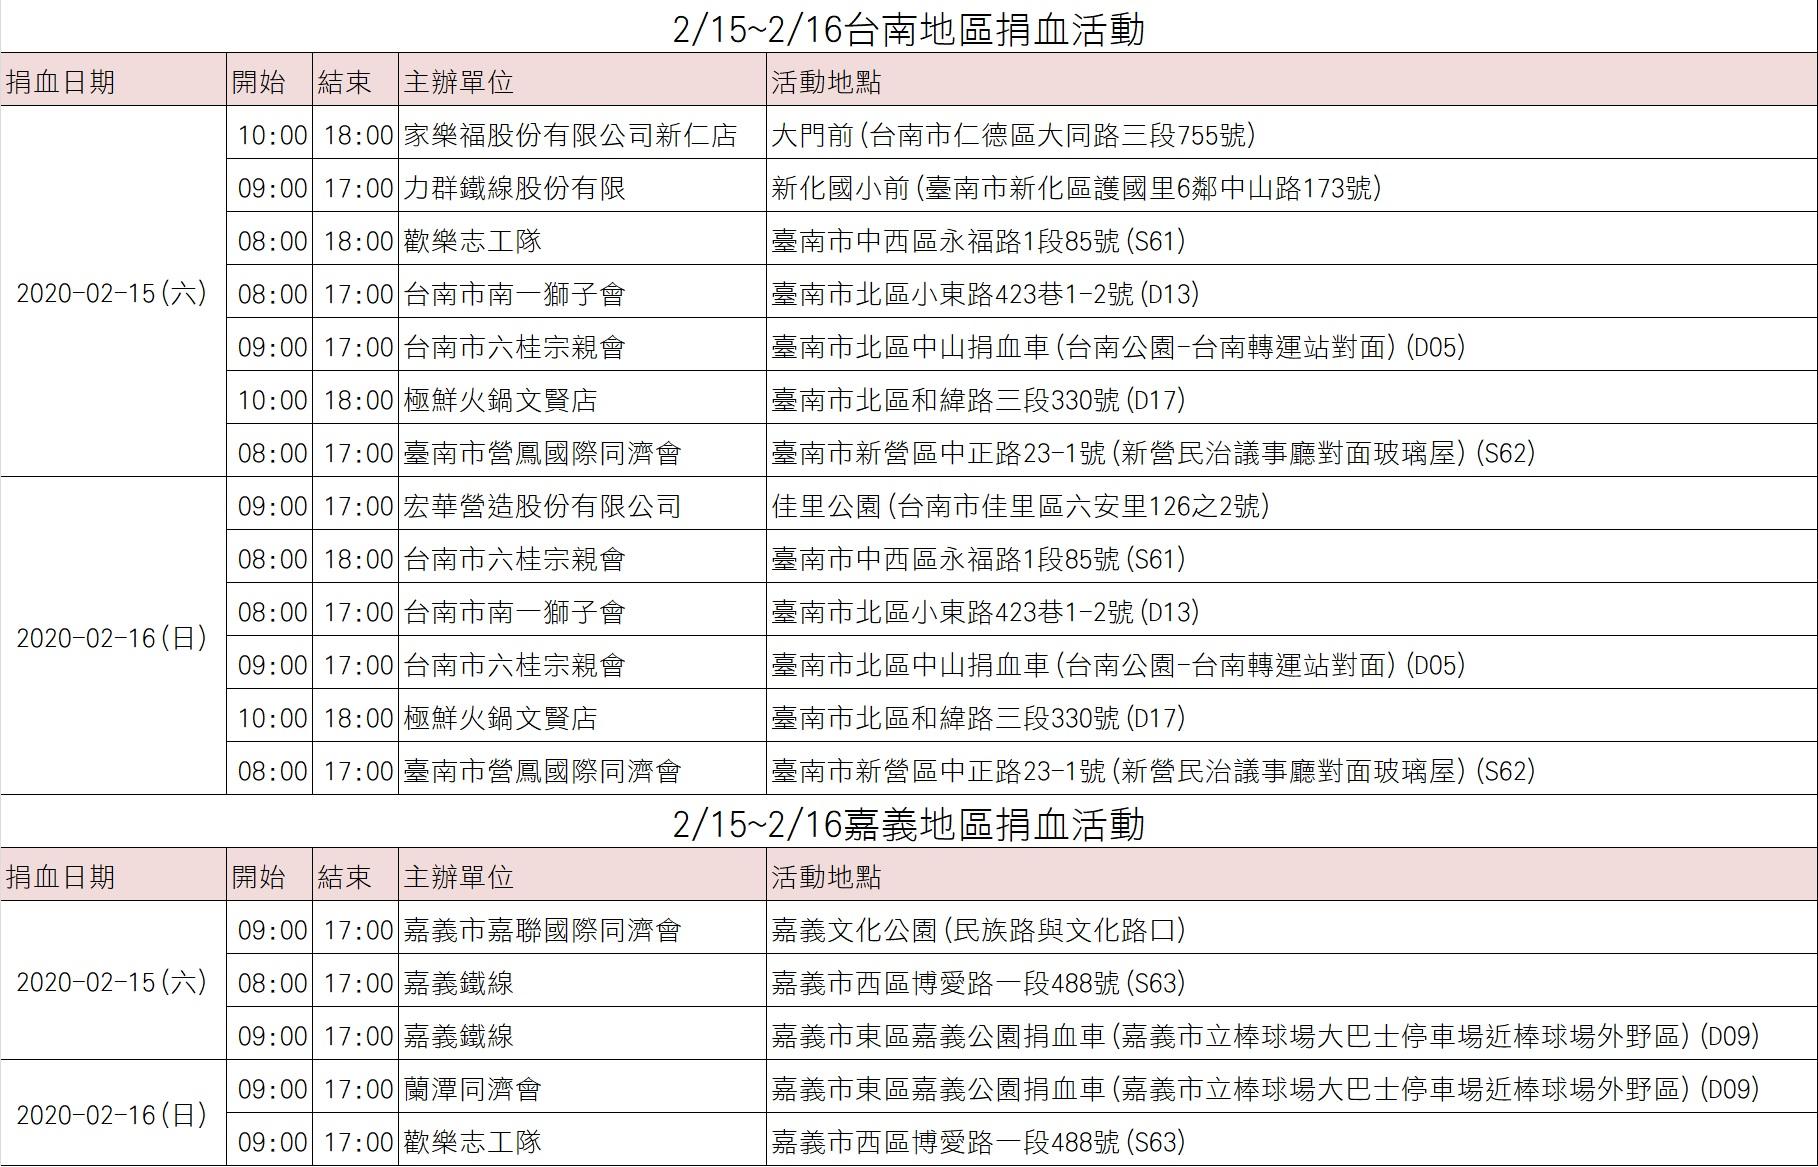 【熱血活動】2/15~2/16雲嘉南地區捐血活動